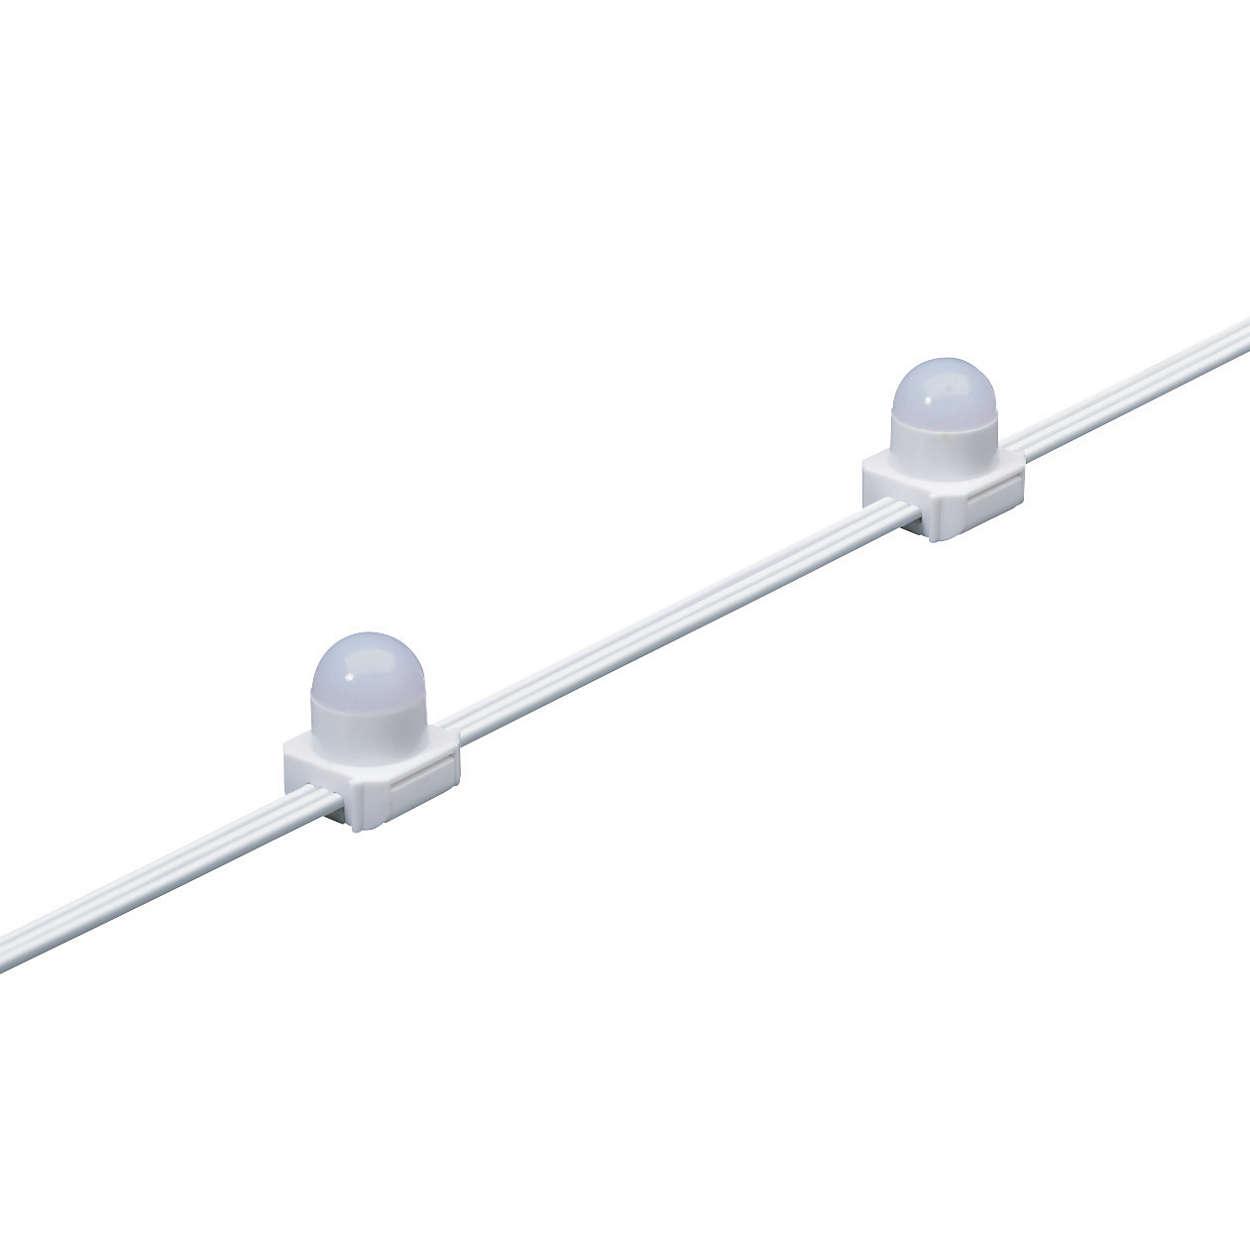 iColor Flex MX – гибкие гирлянды, состоящие из ярких полноцветных светодиодных ячеек